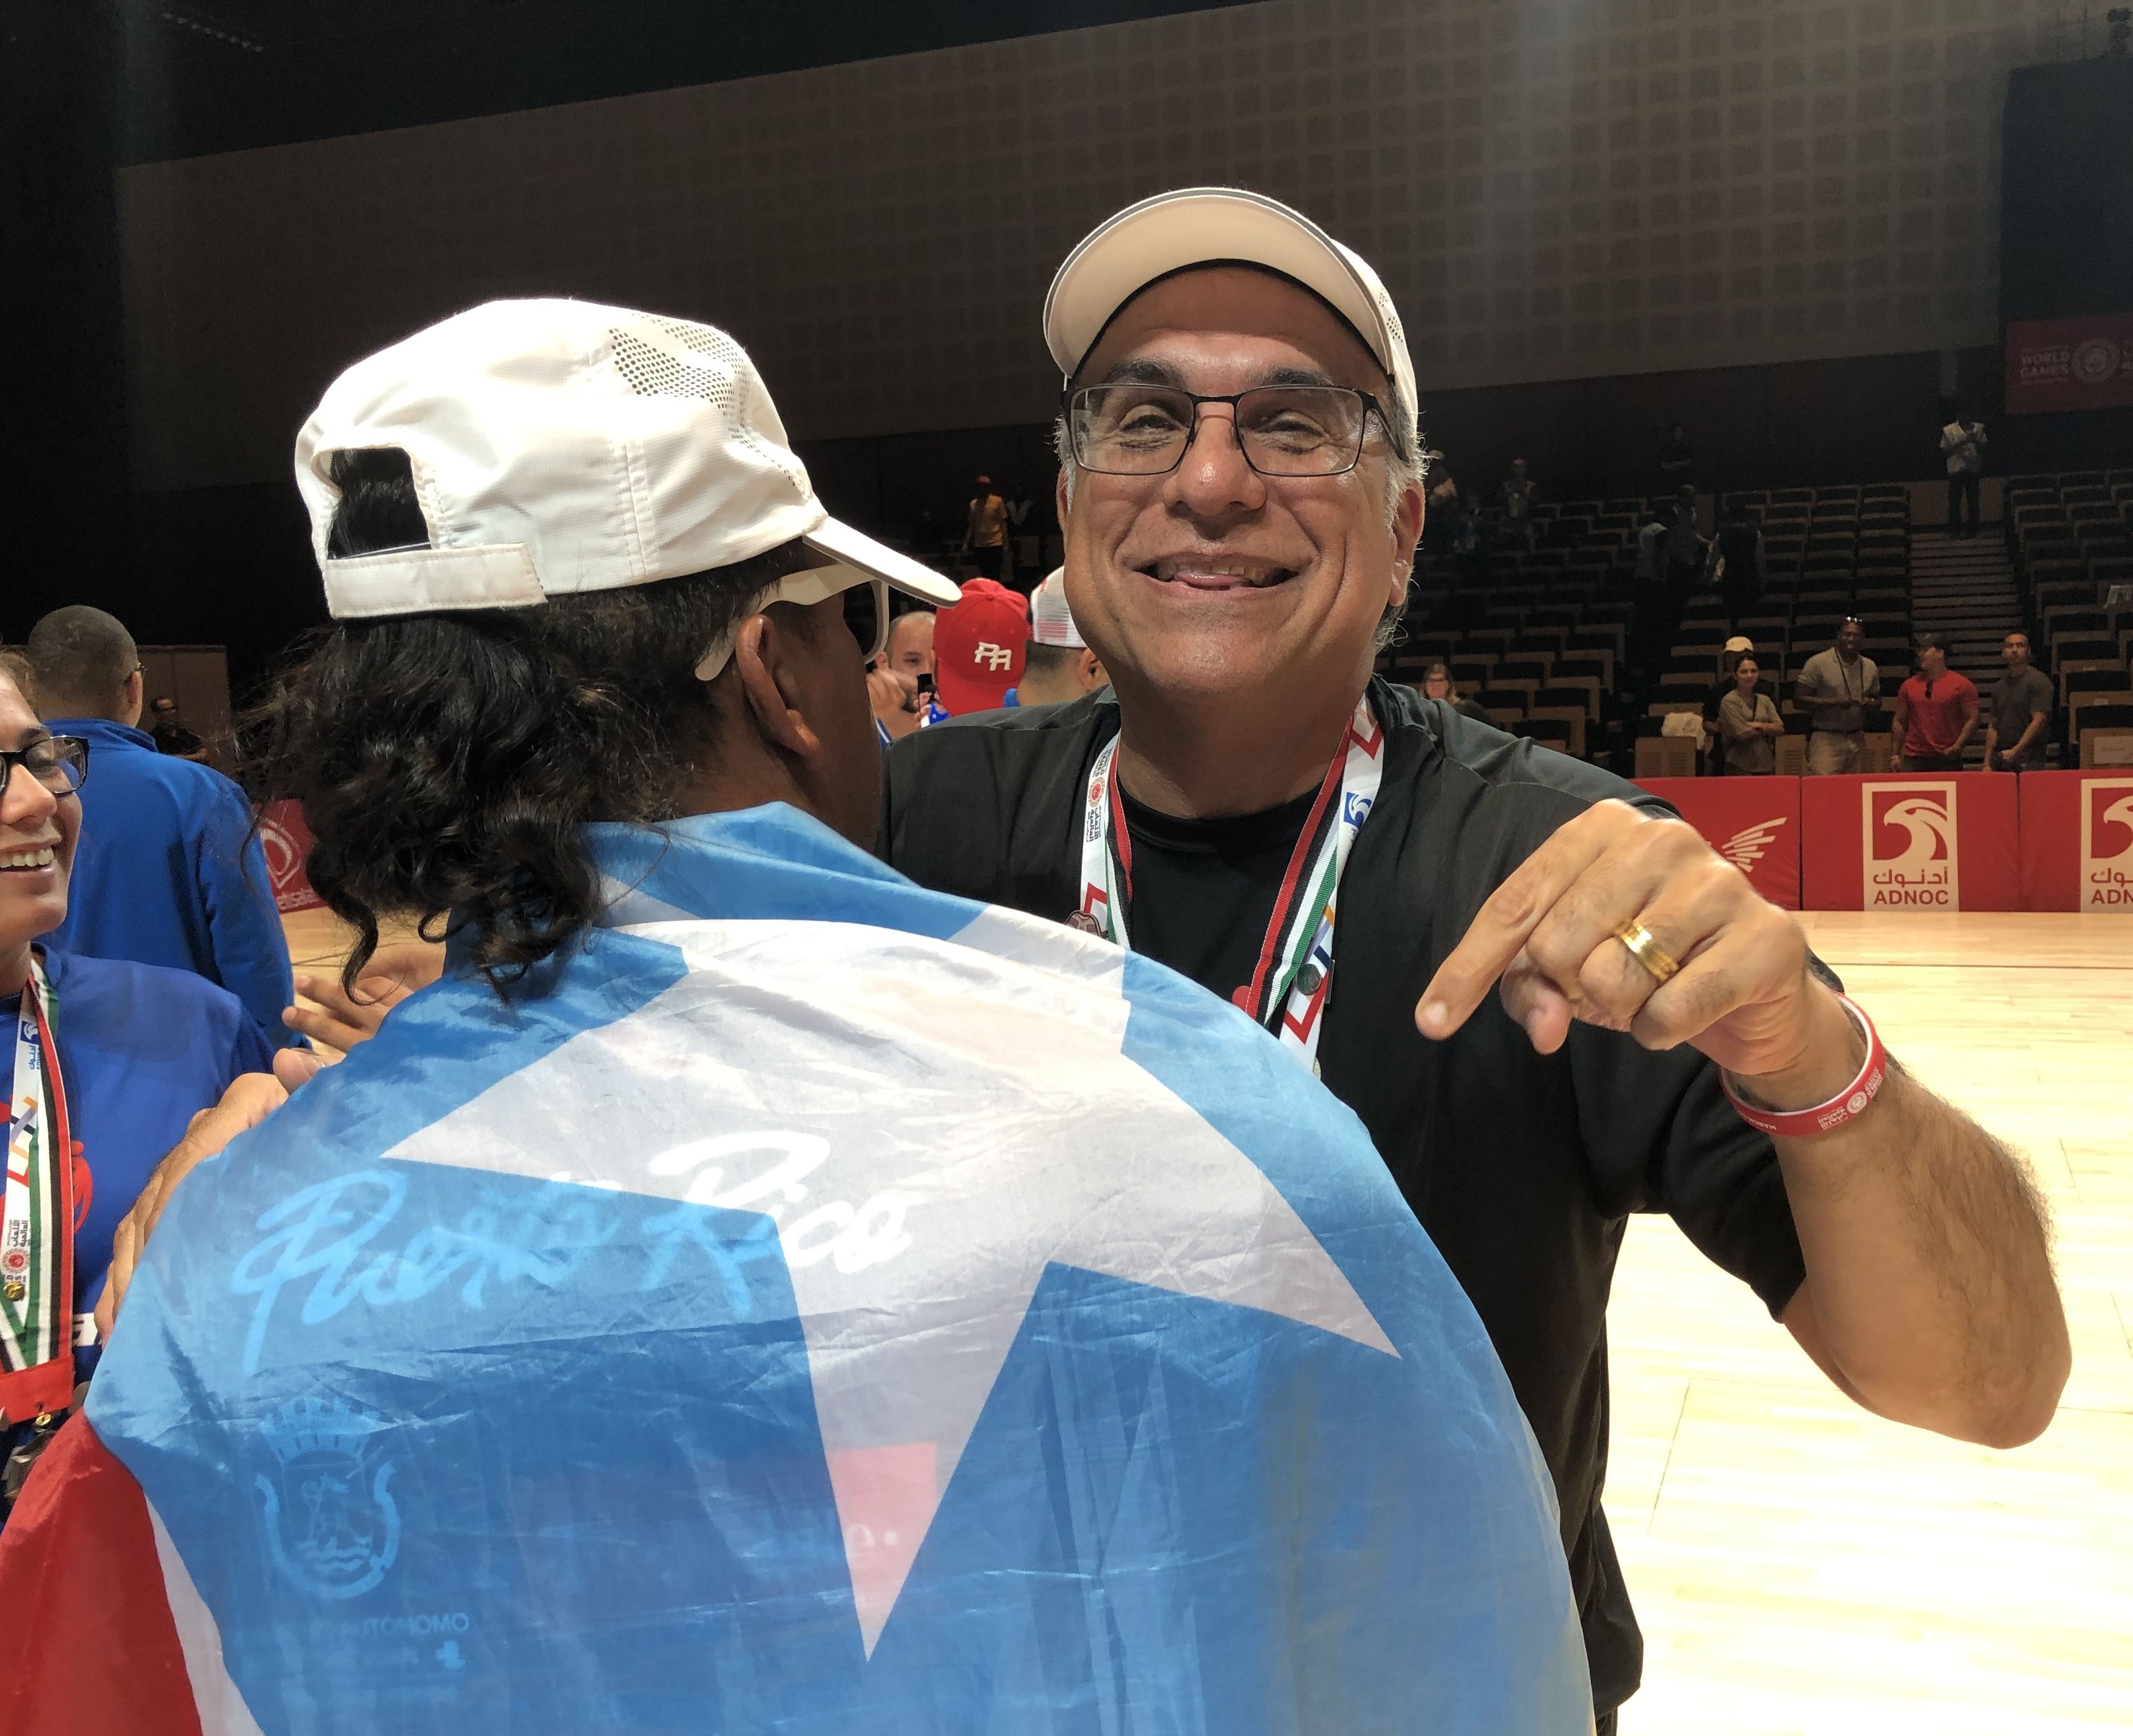 Puerto Rico conquista 57 medallas, 17 de oro, en Olimpiadas Especiales en Emiratos Arabes Unidos